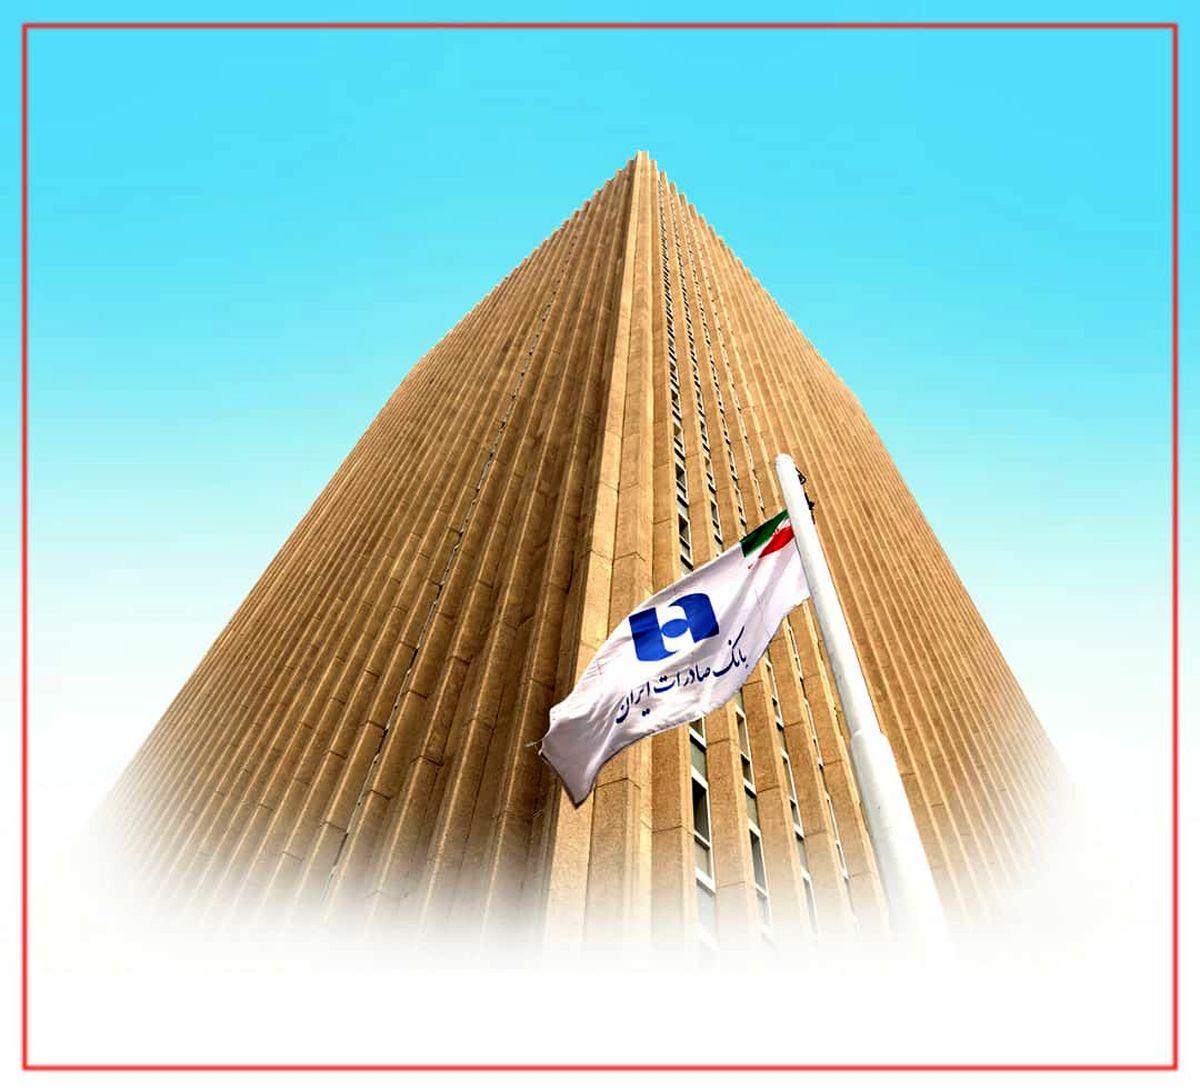 ٨٥هزار عروس و داماد از بانک صادرات ایران تسهیلات گرفتند